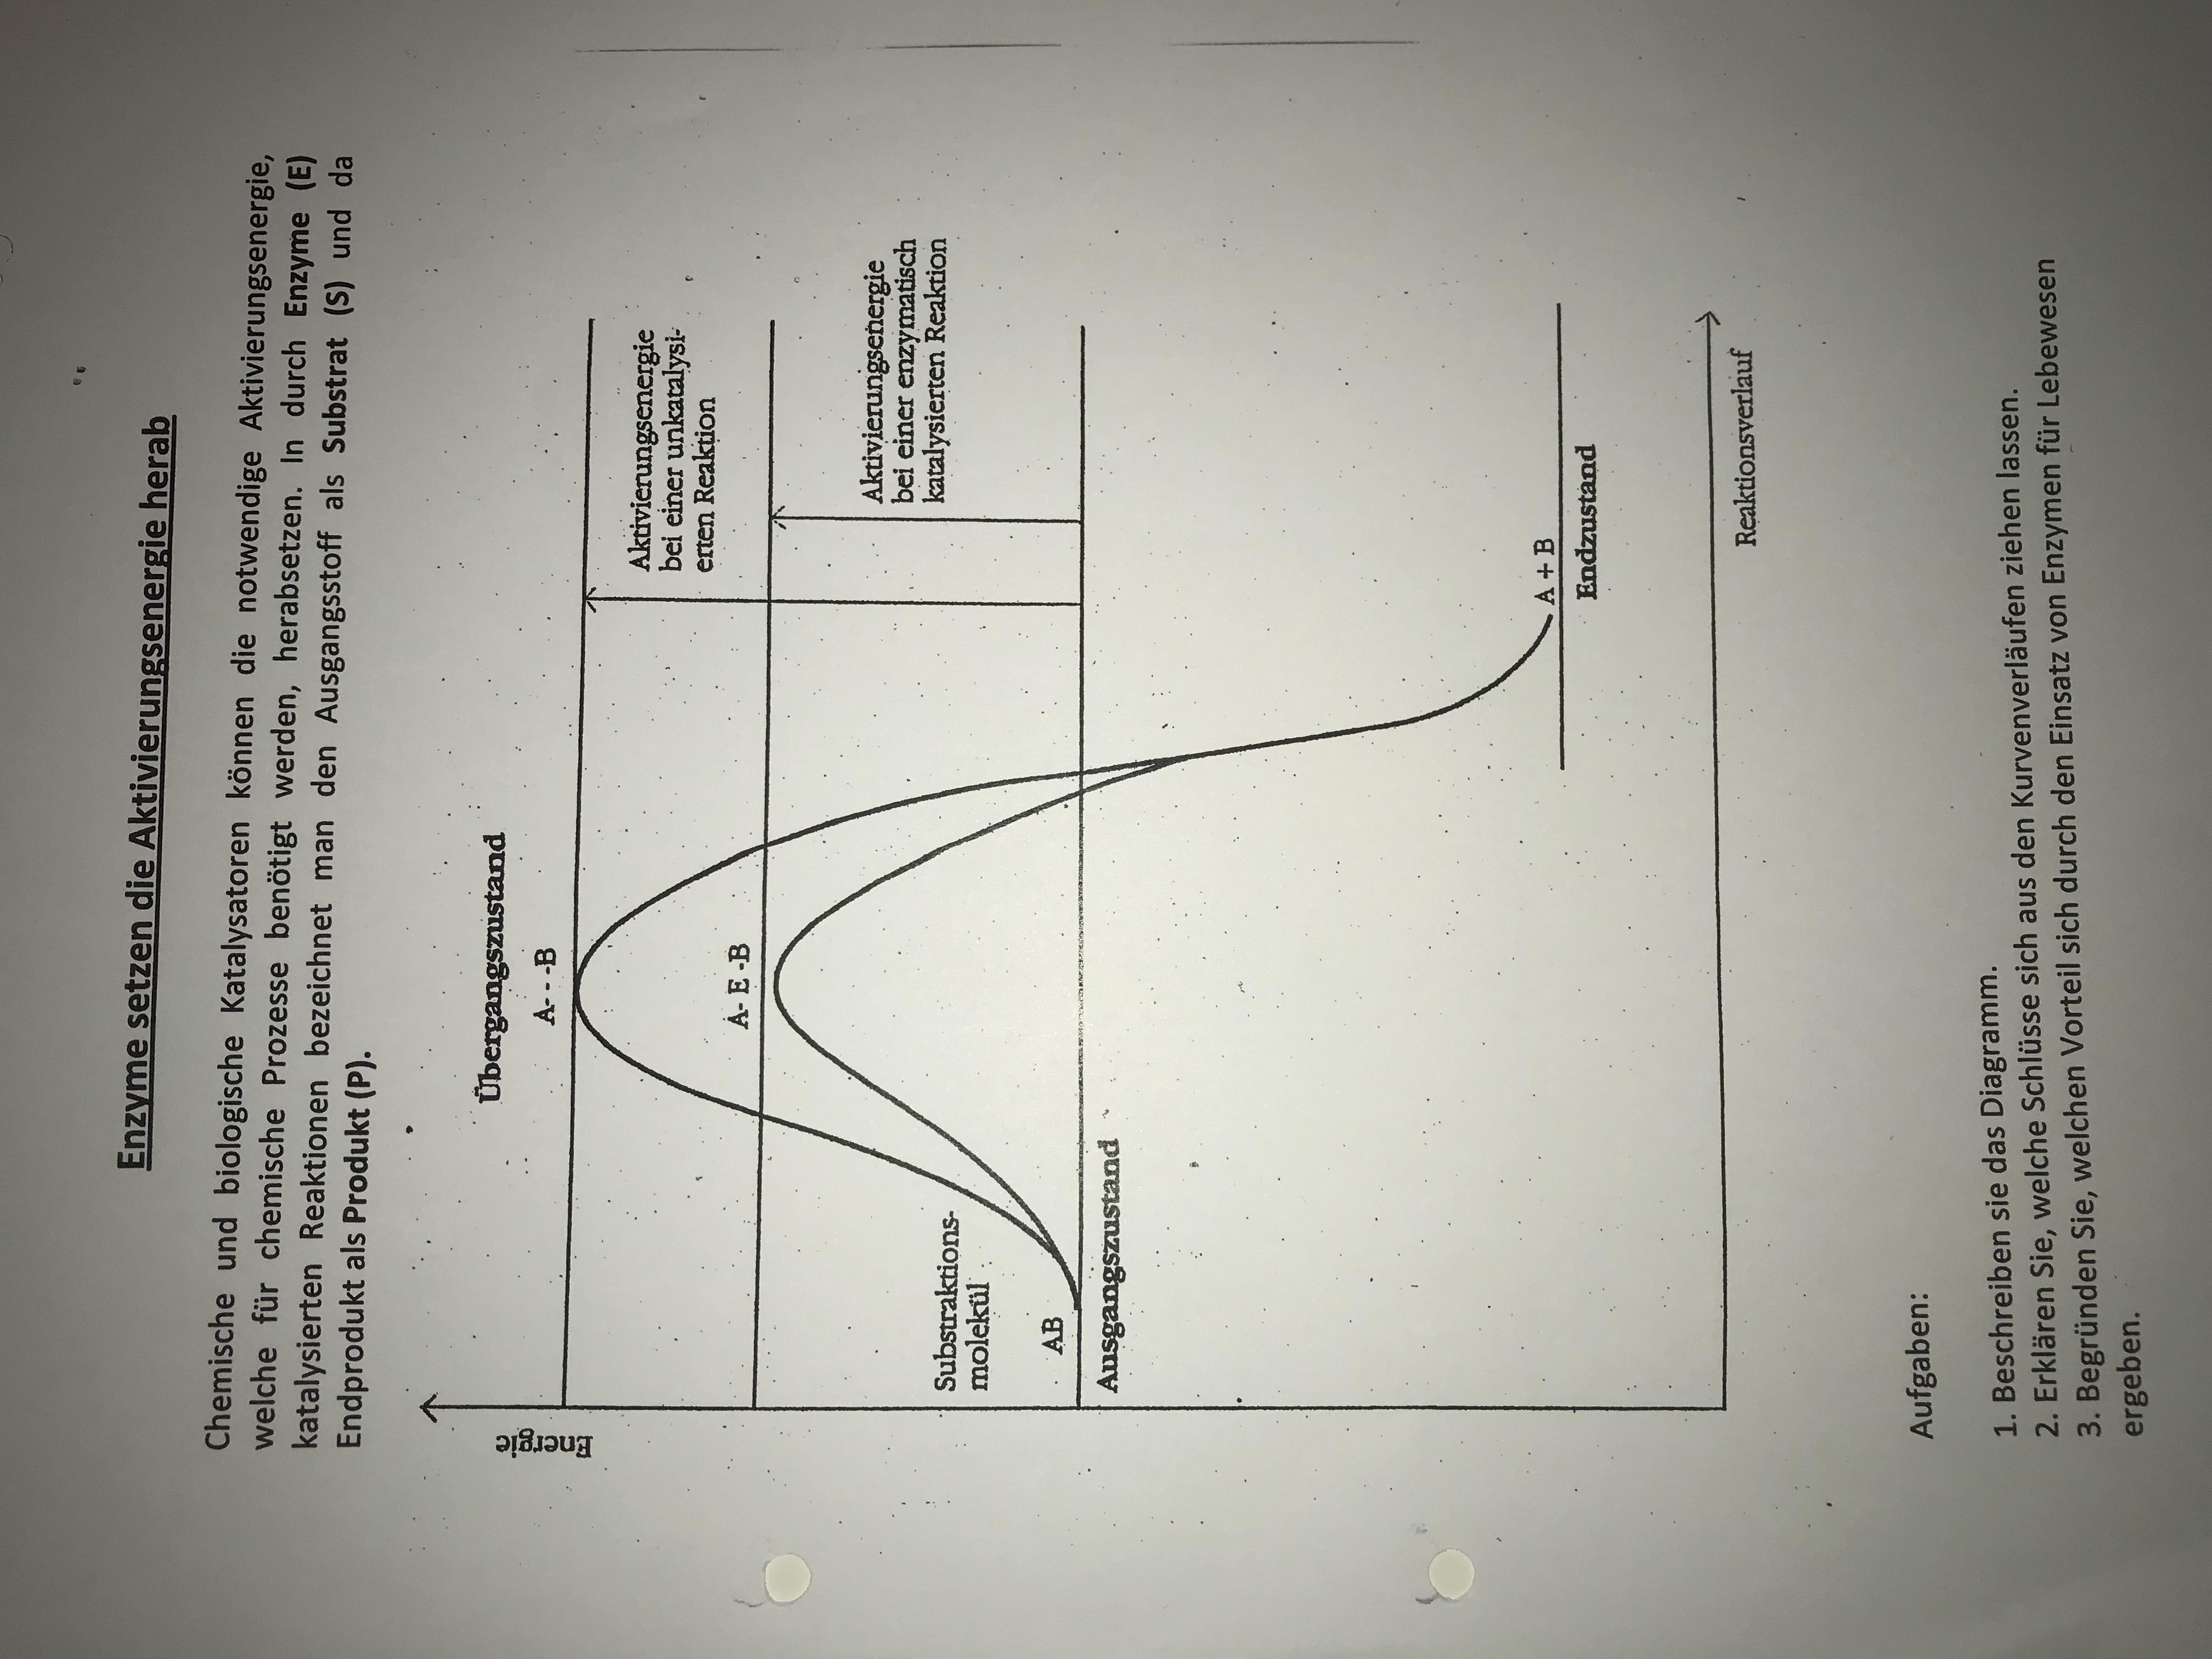 Erfreut Warmwasser Zylinder Diagramm Ideen - Schaltplan-Ideen ...